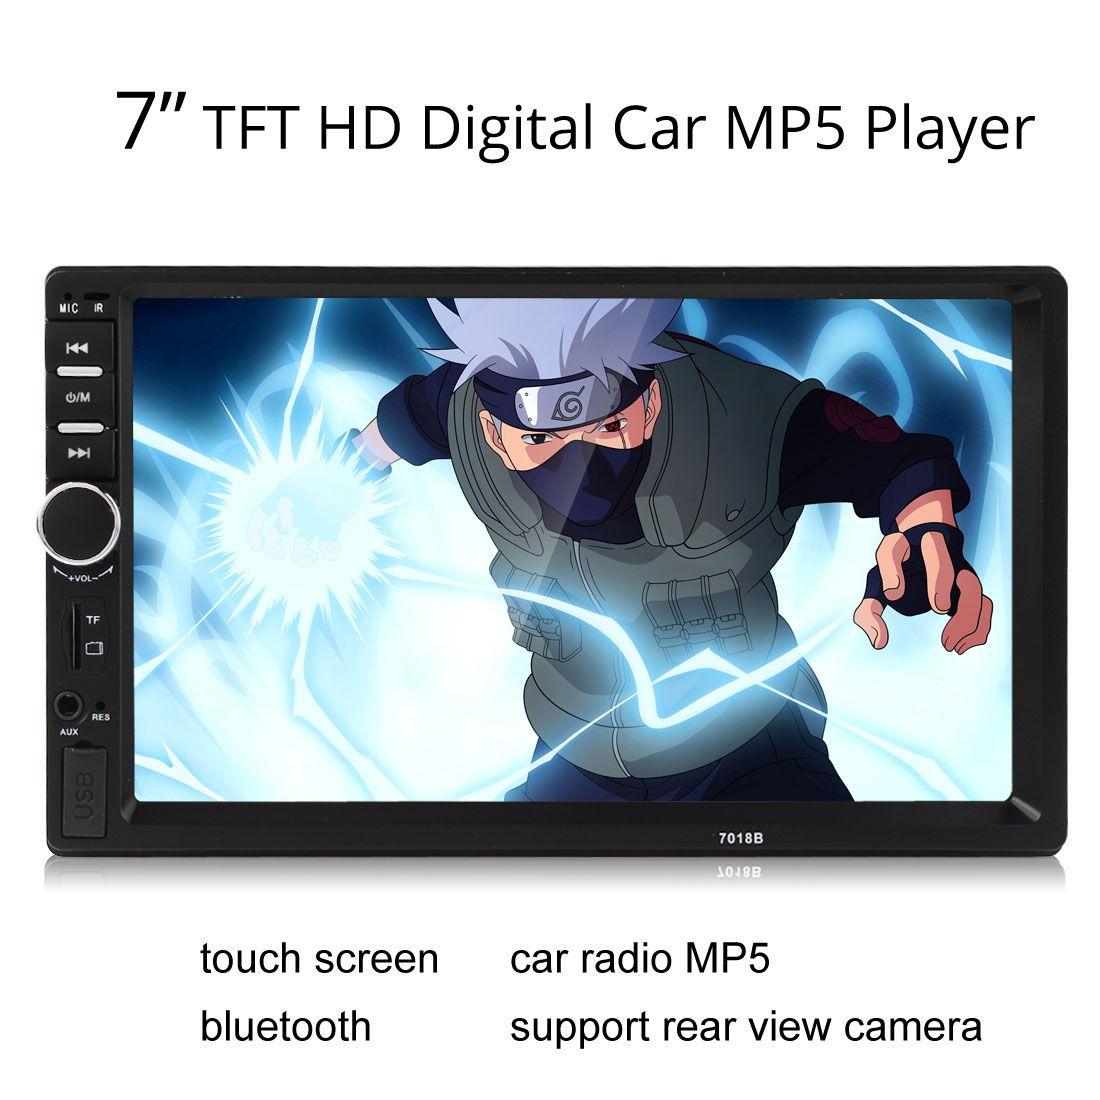 7018B 2DIN سيارة بلوتوث صوت 7 HD راديو في اندفاعة شاشة تعمل باللمس ستيريو MP3 MP5 لاعب USB CMO_20O